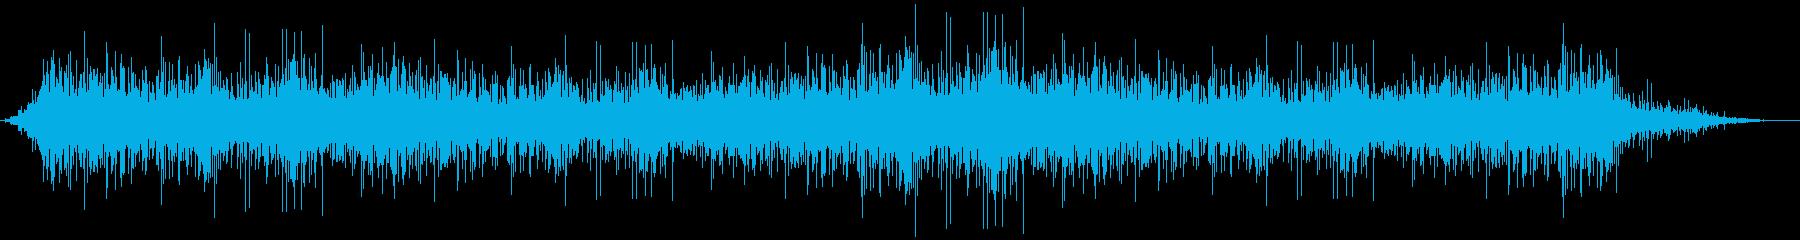 雨 パラパラ 環境音の再生済みの波形